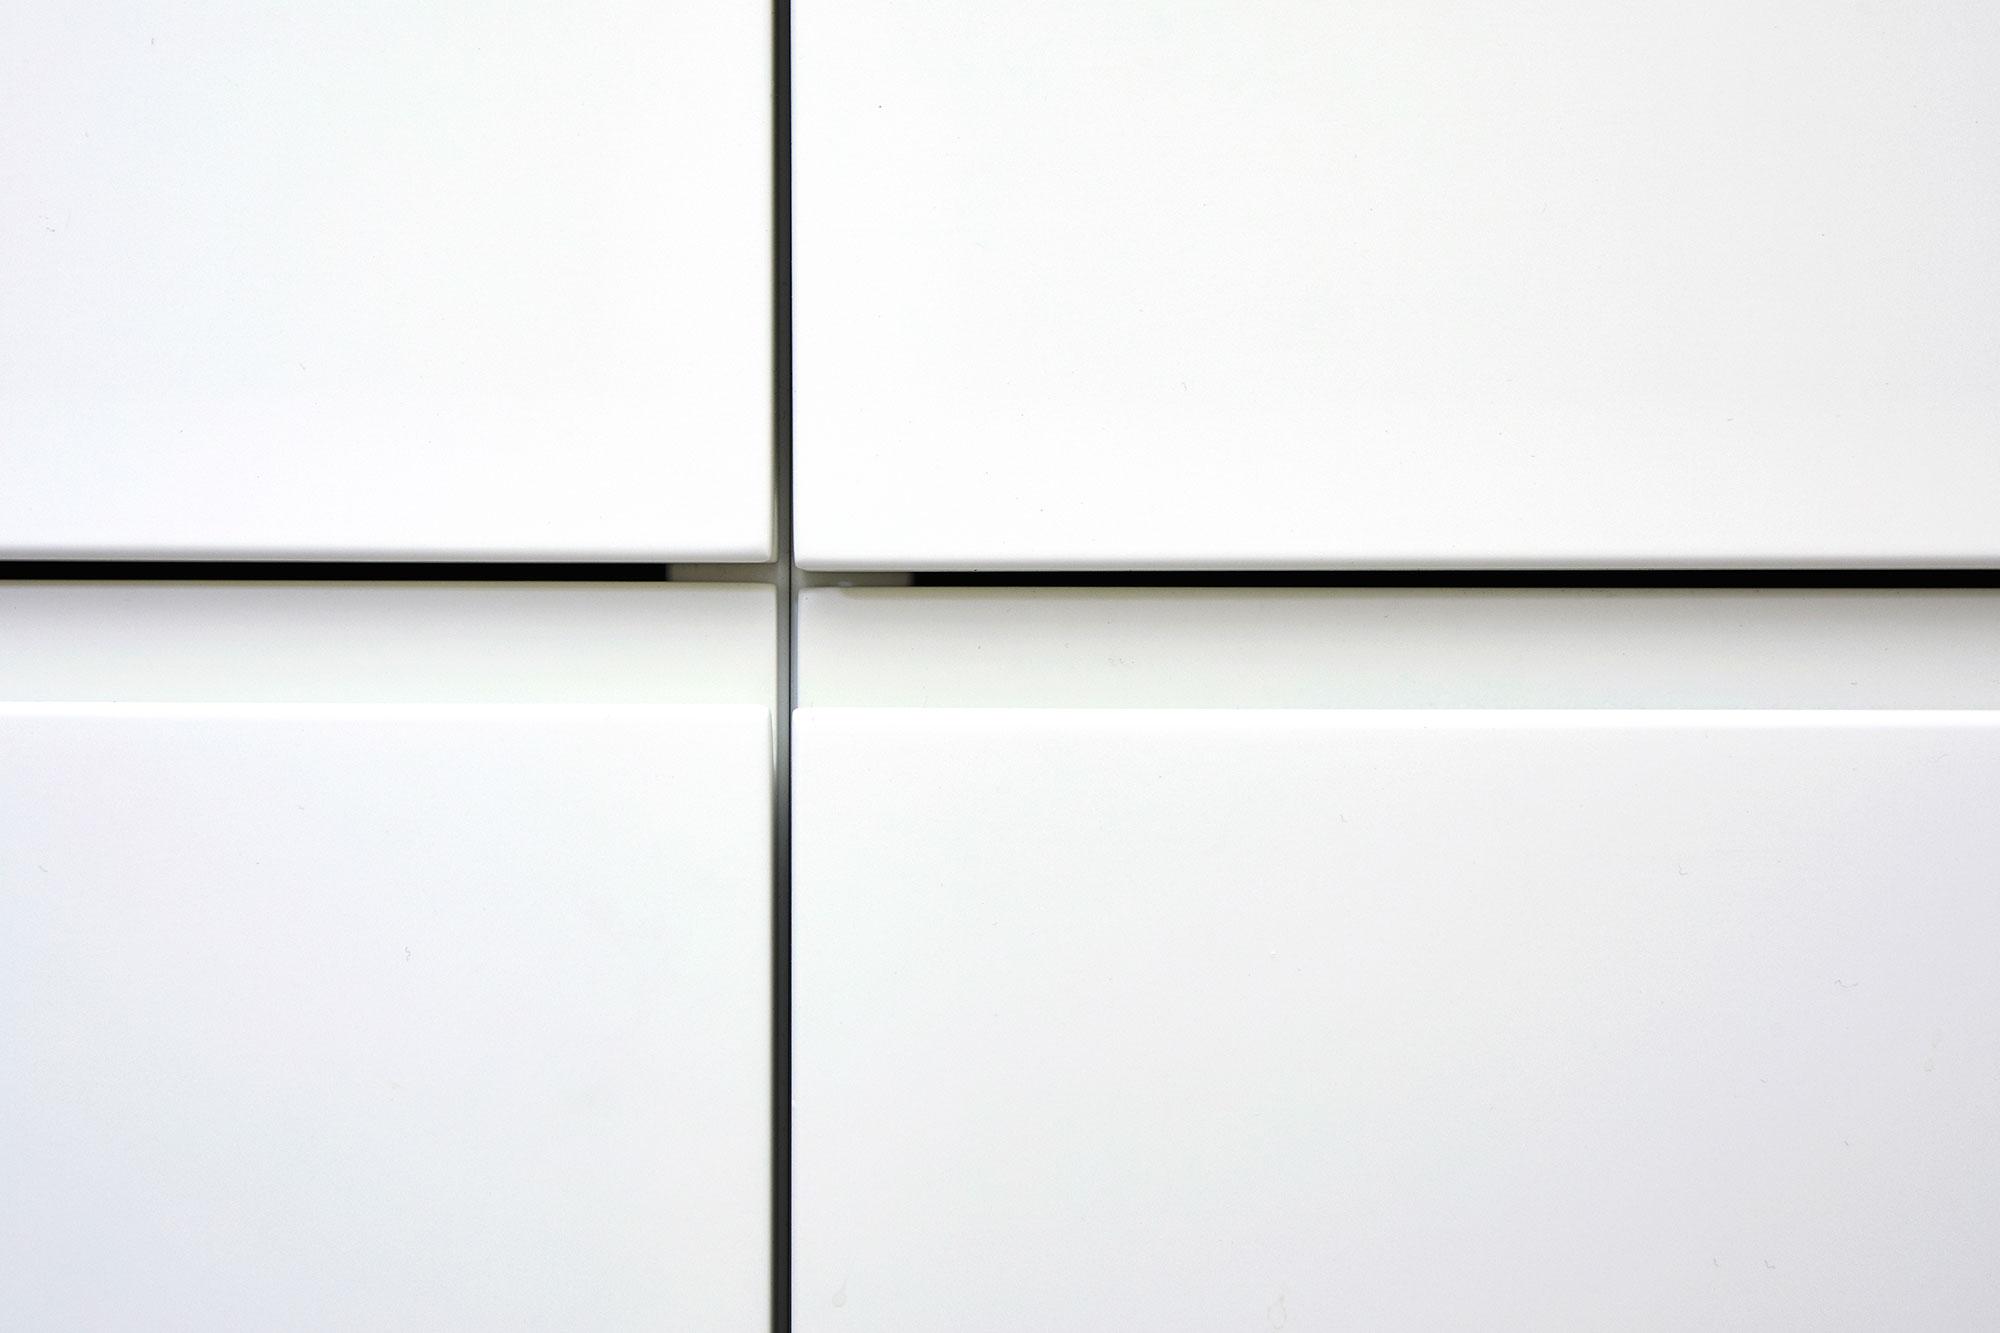 Tischlerei Stöckl Ebbs Inneneinrichtung Küche Wohnküche matt weiß Detailaufnahme